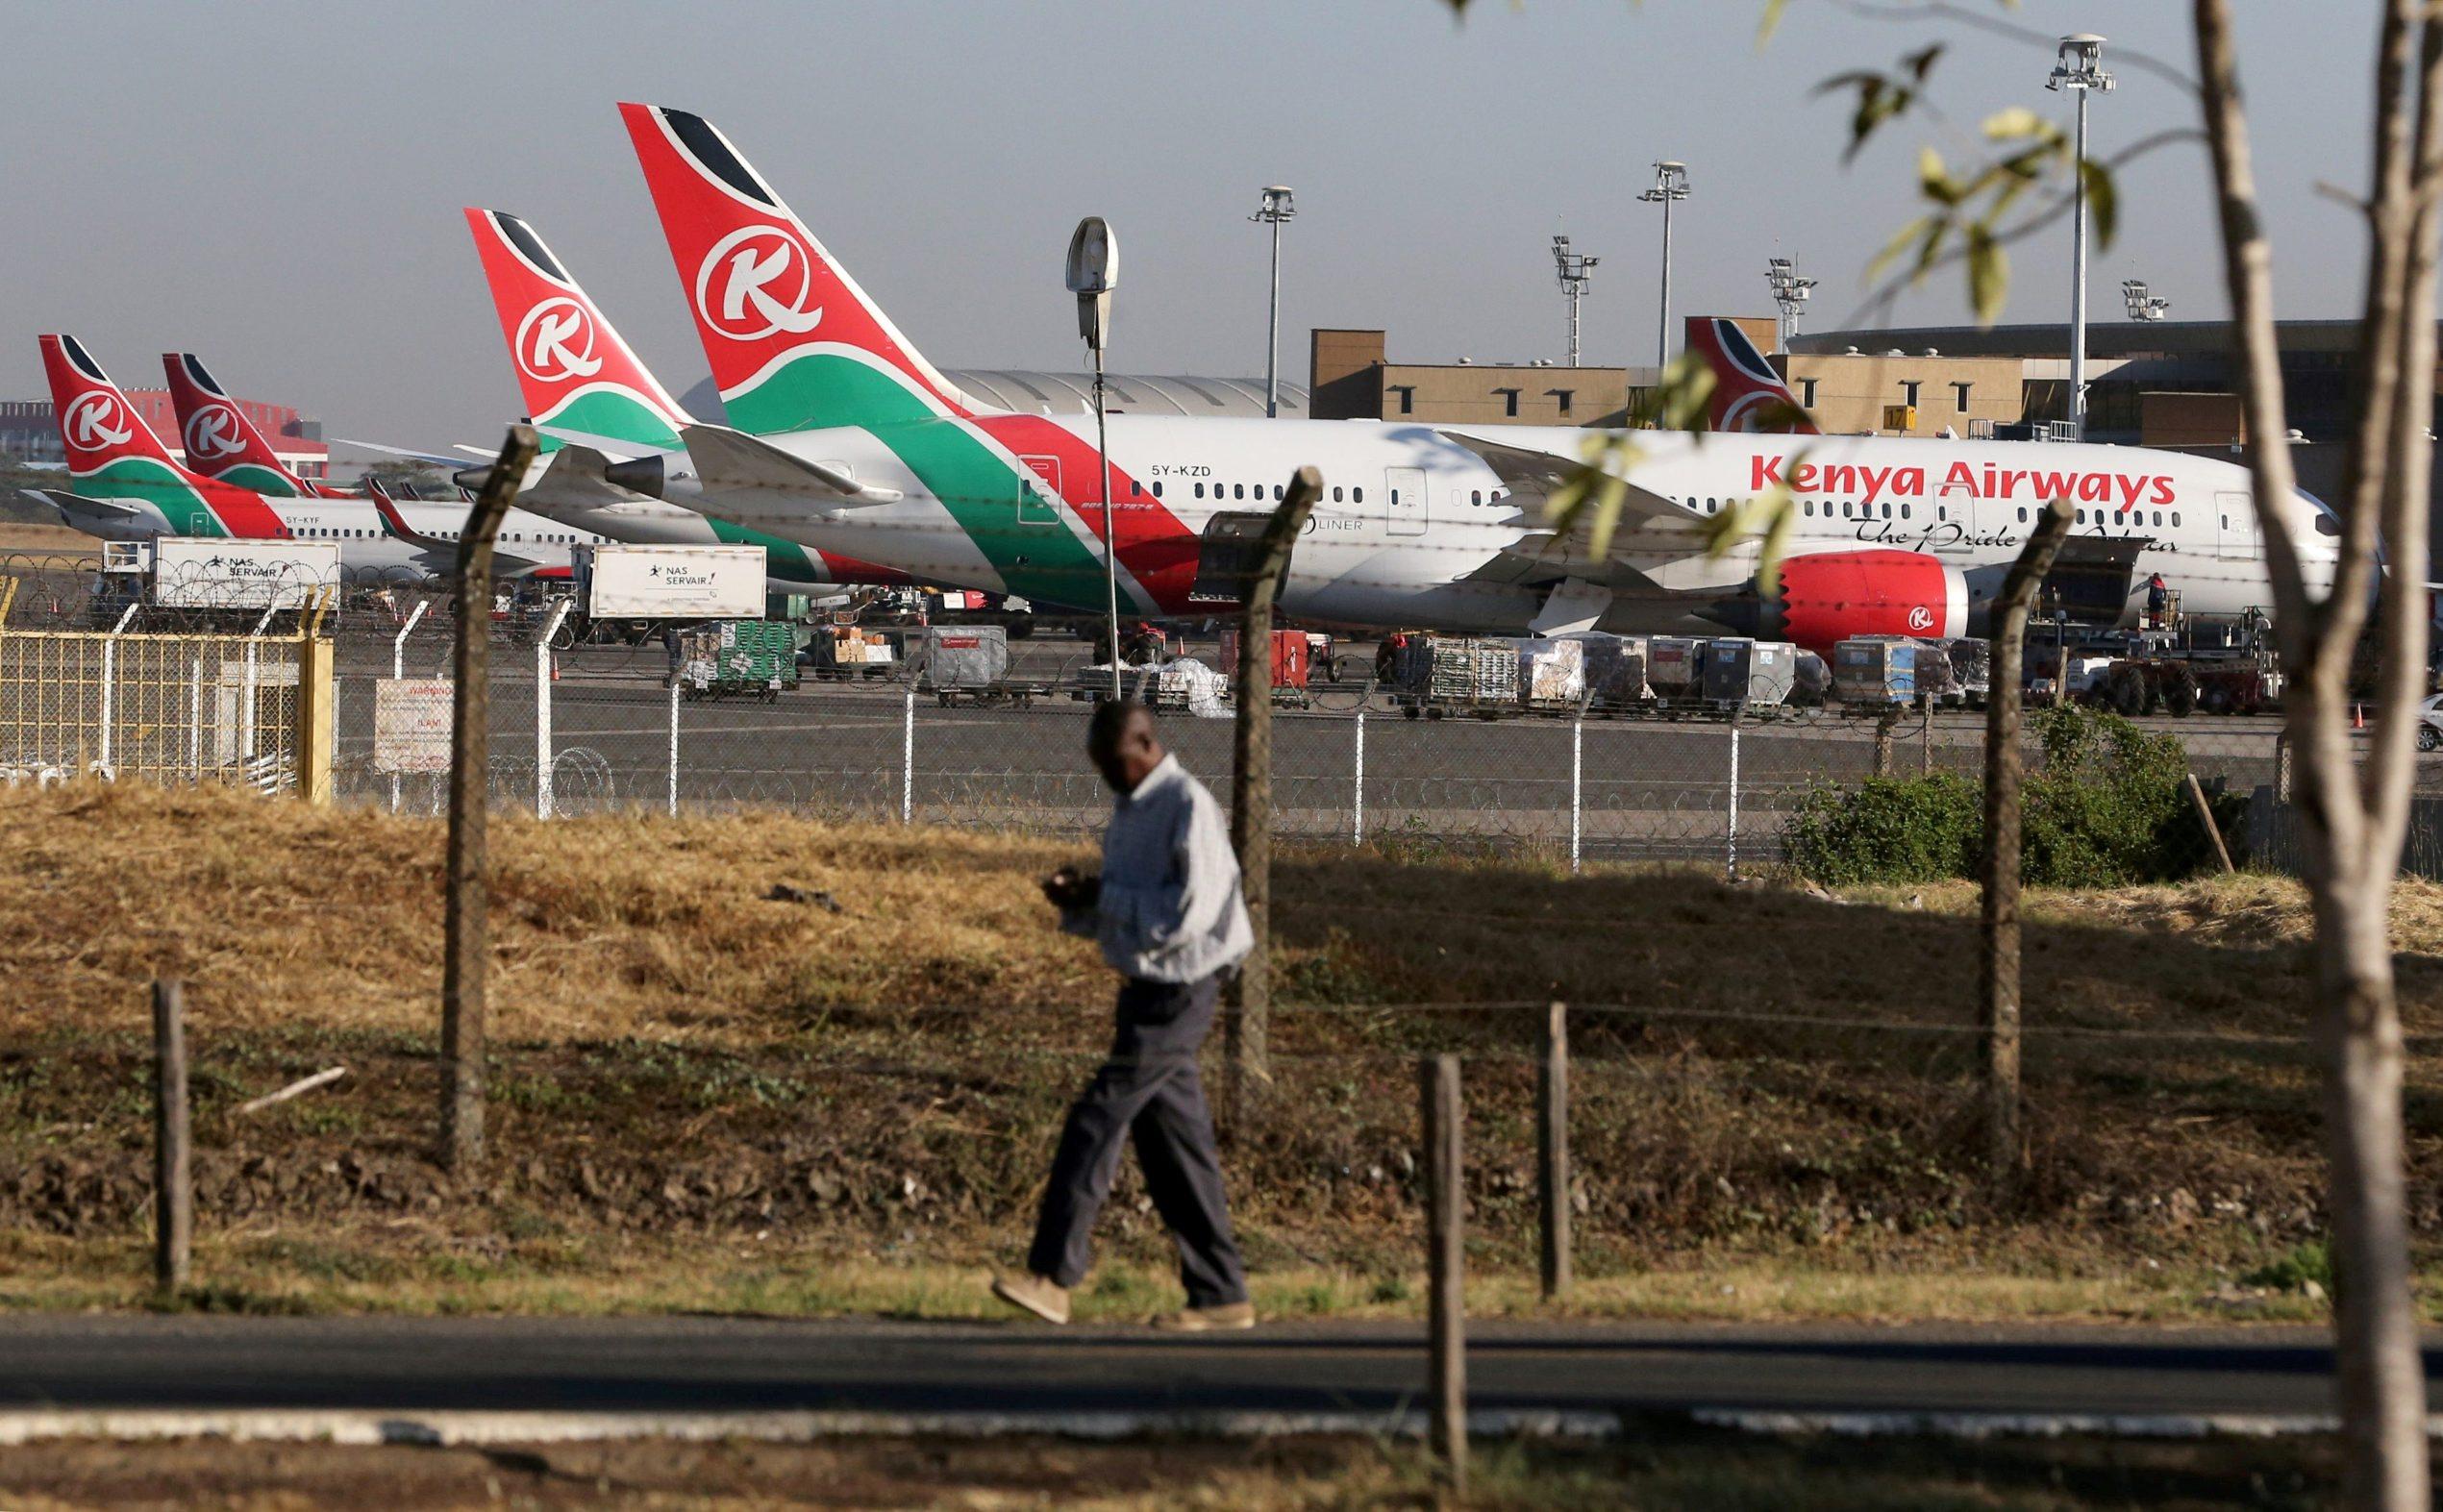 Zrakoplov Kenya Airlinesa